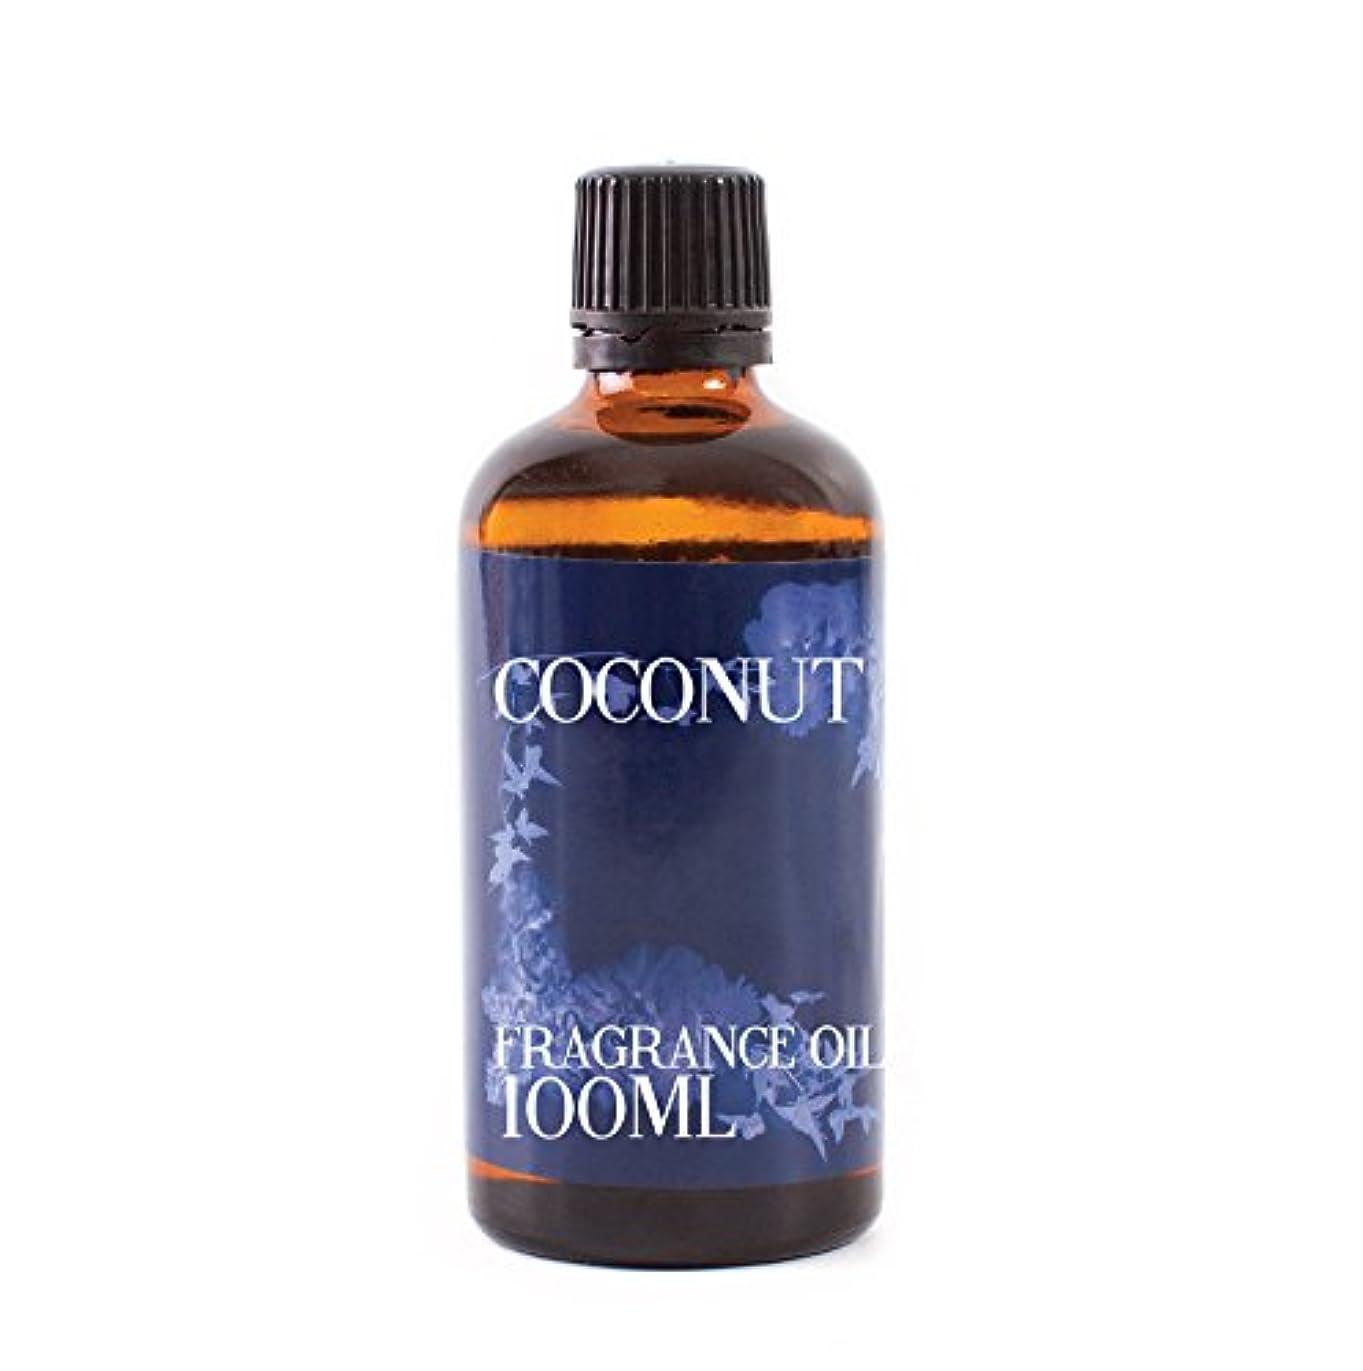 凍った嵐の真実にMystic Moments |Coconut Fragrance Oil - 100ml